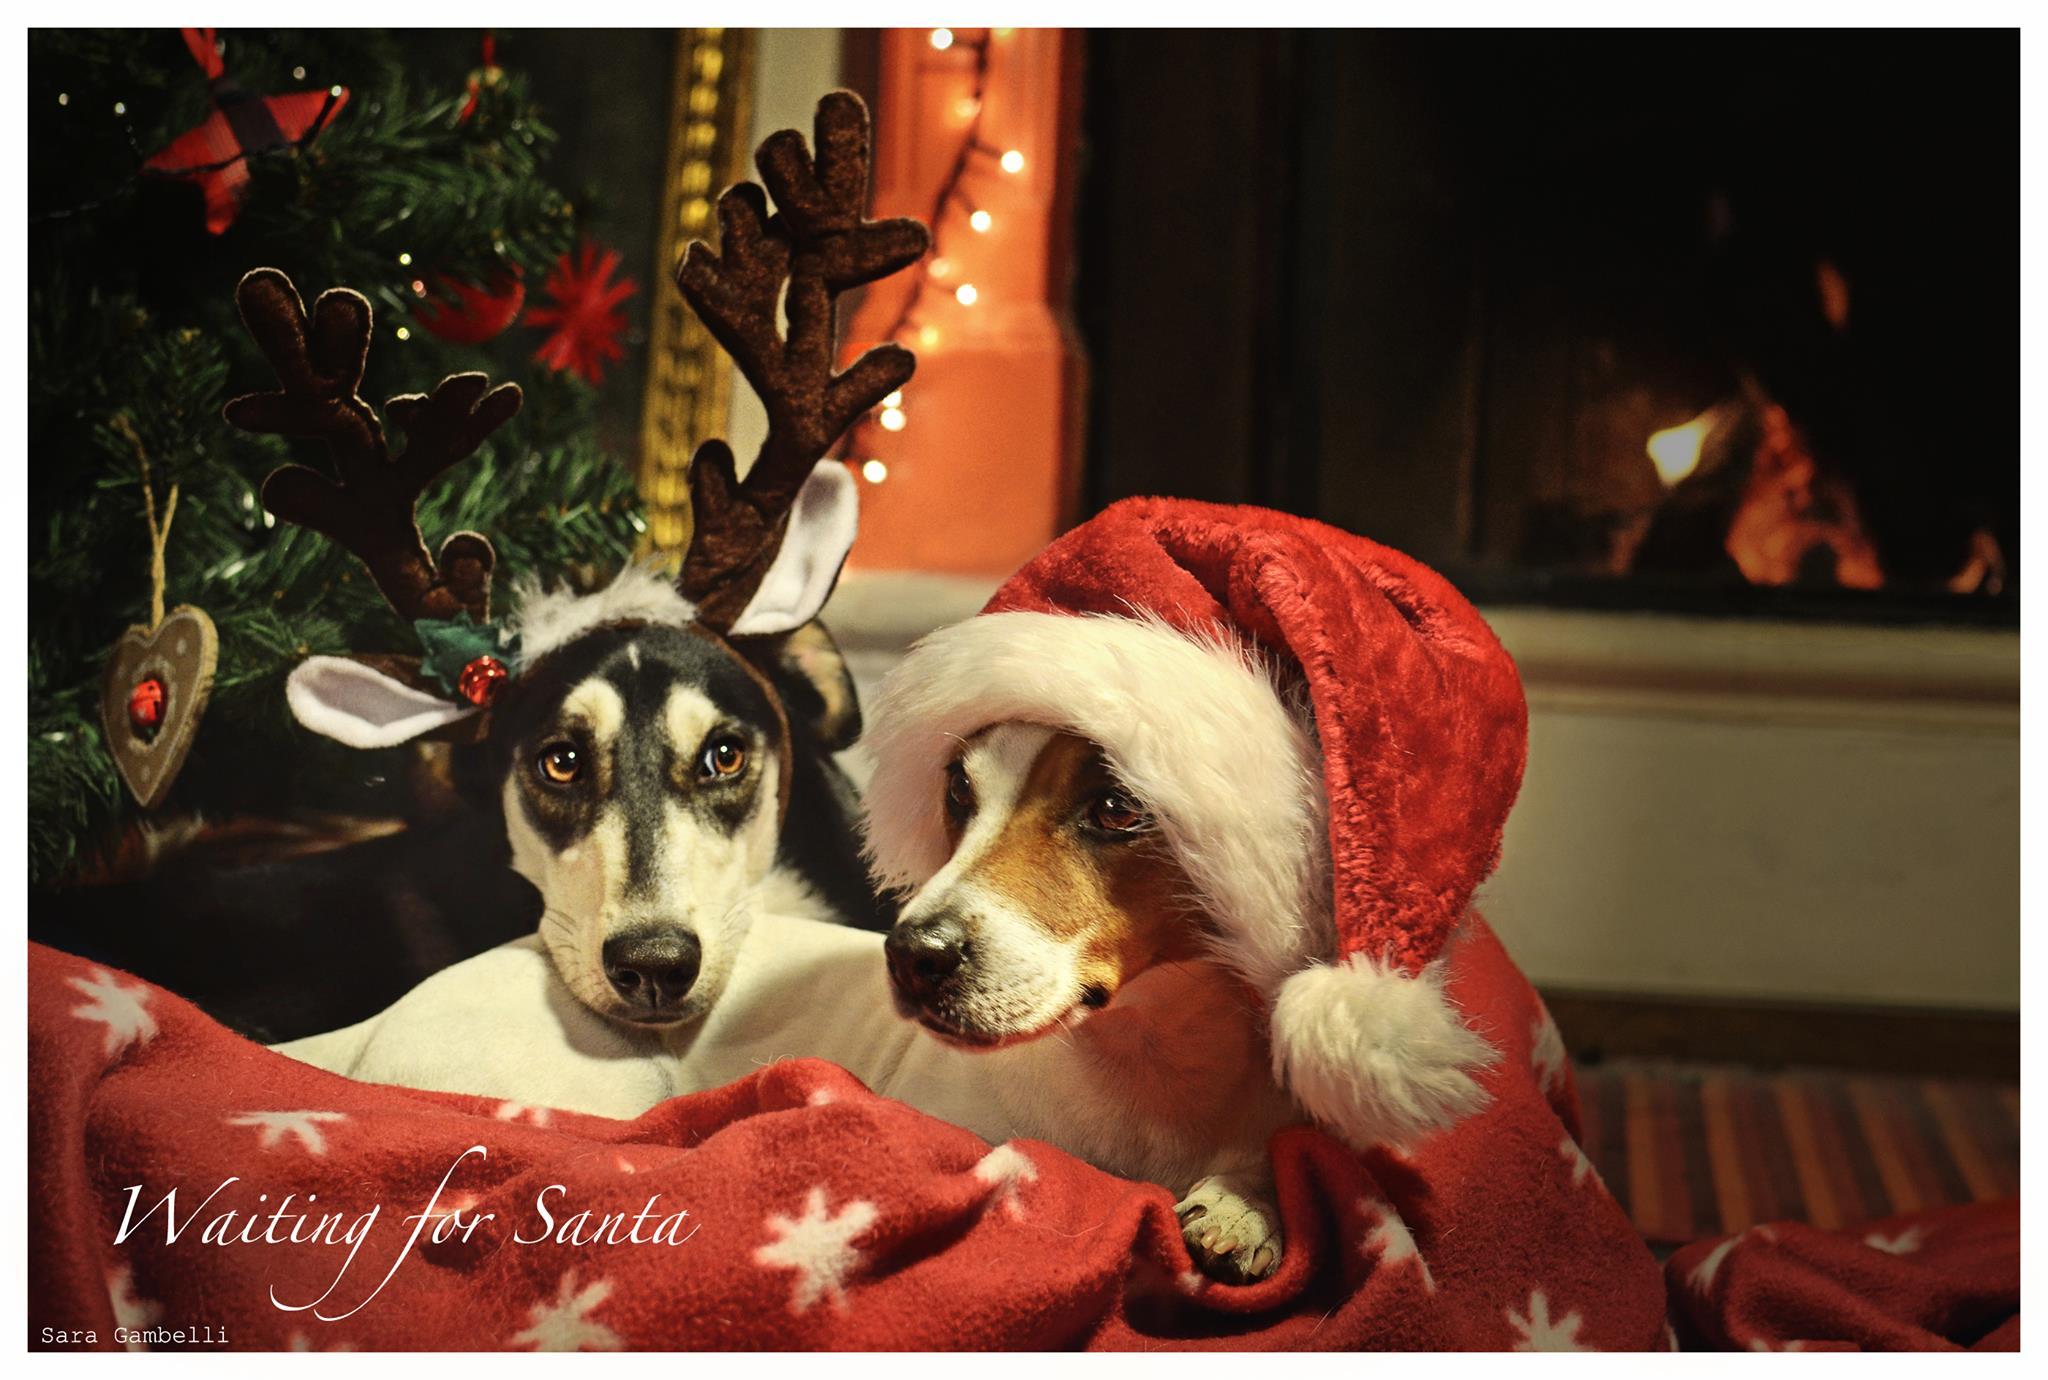 I nostri migliori auguri di Buon Natale con le foto canine e feline di Sara Gambelli